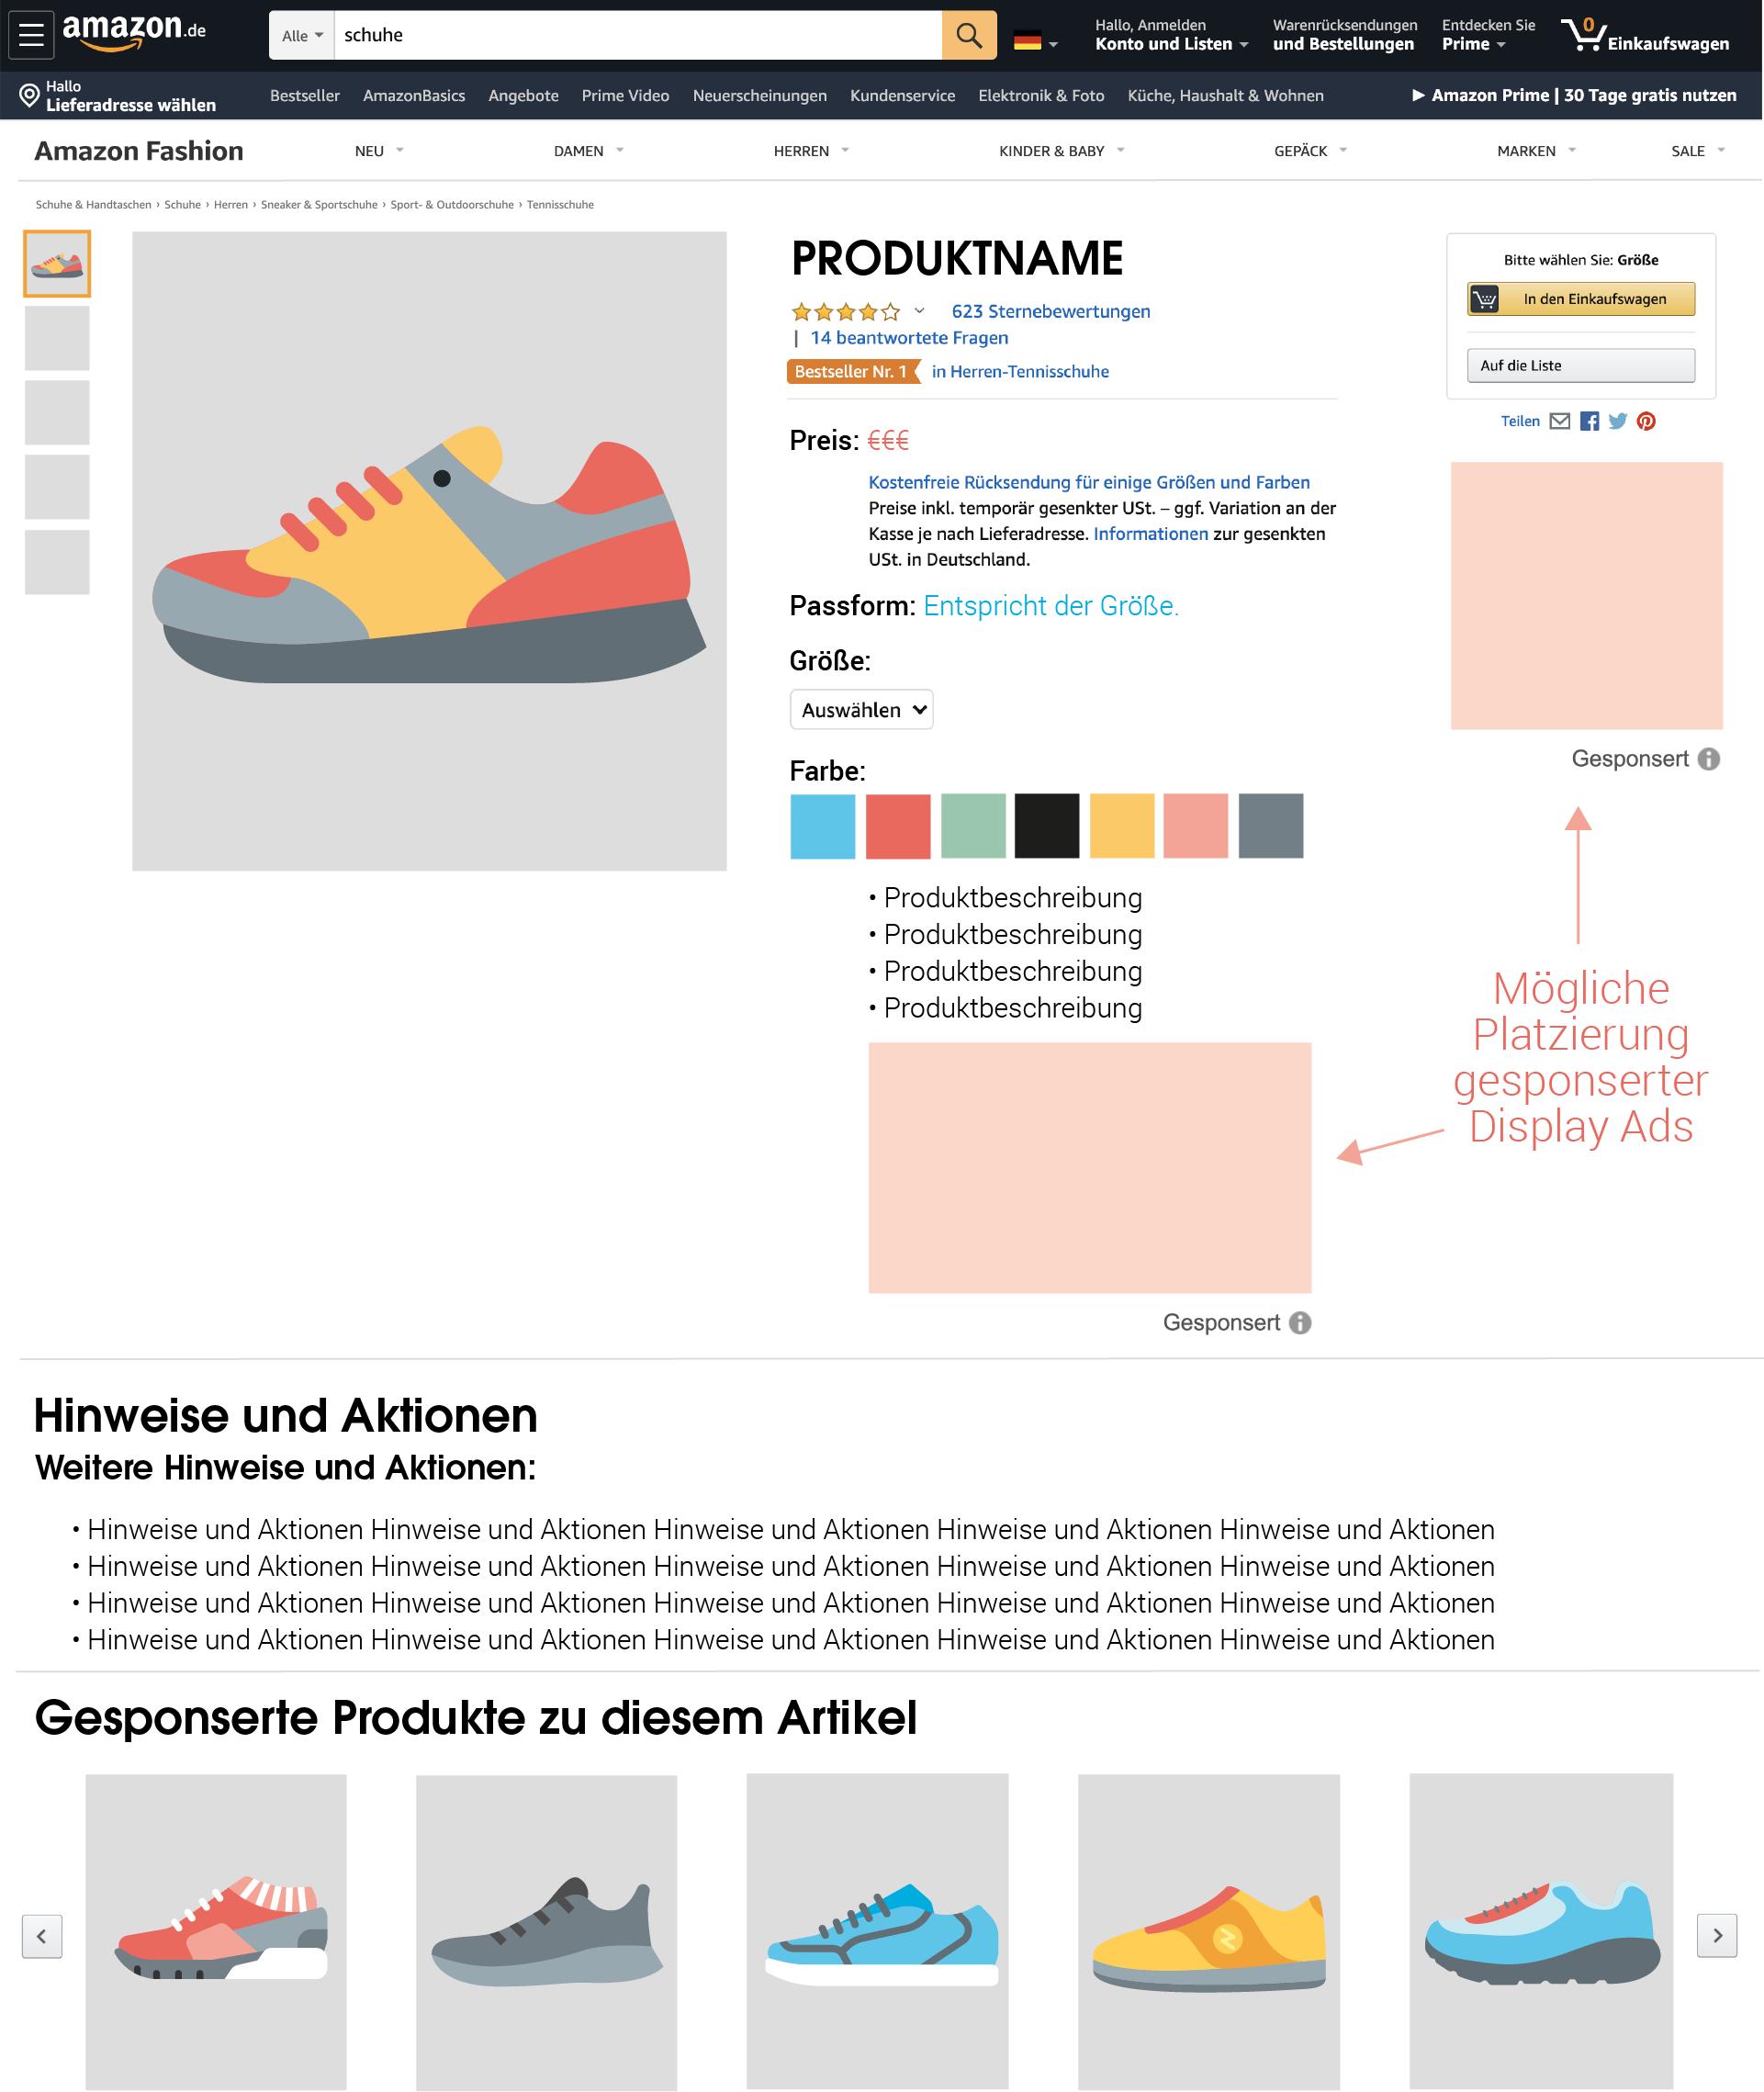 Die Platzierung für Sponsored Display Ads auf Produktdetailseiten.